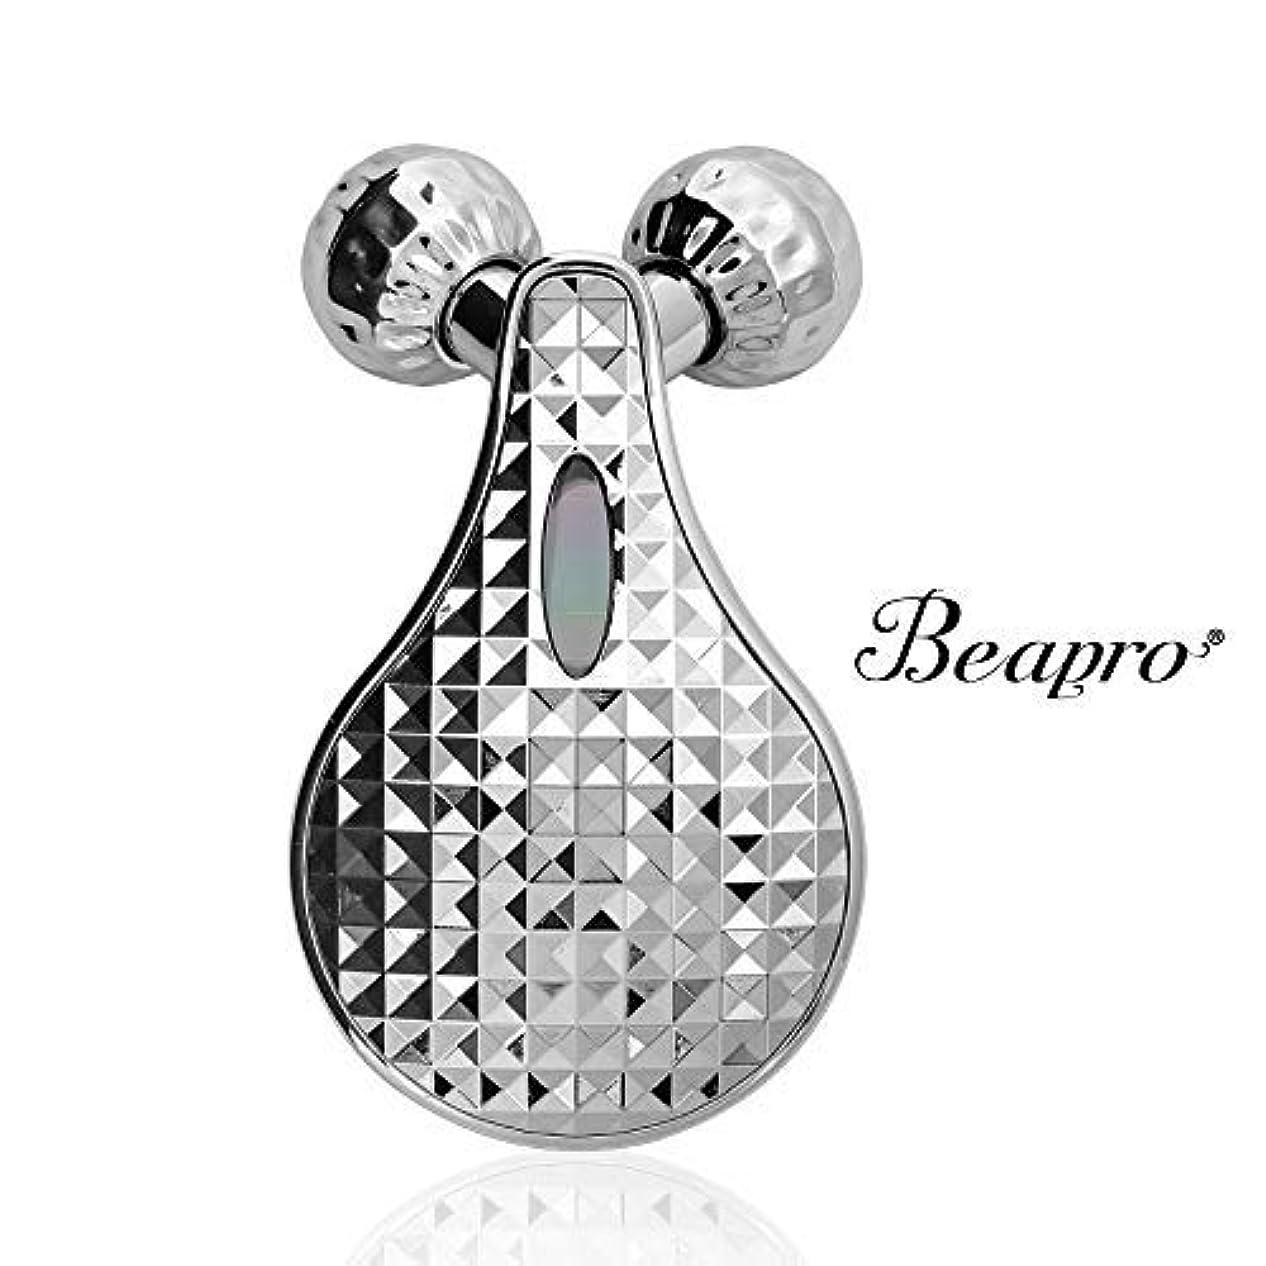 楕円形寛解あらゆる種類のBeapro(ビープロ) 3D 美顔ローラー マイクロカレント(微弱電流) Y字構造 ローラー フェイシャル&ボディ マッサージ リガメント beapro04